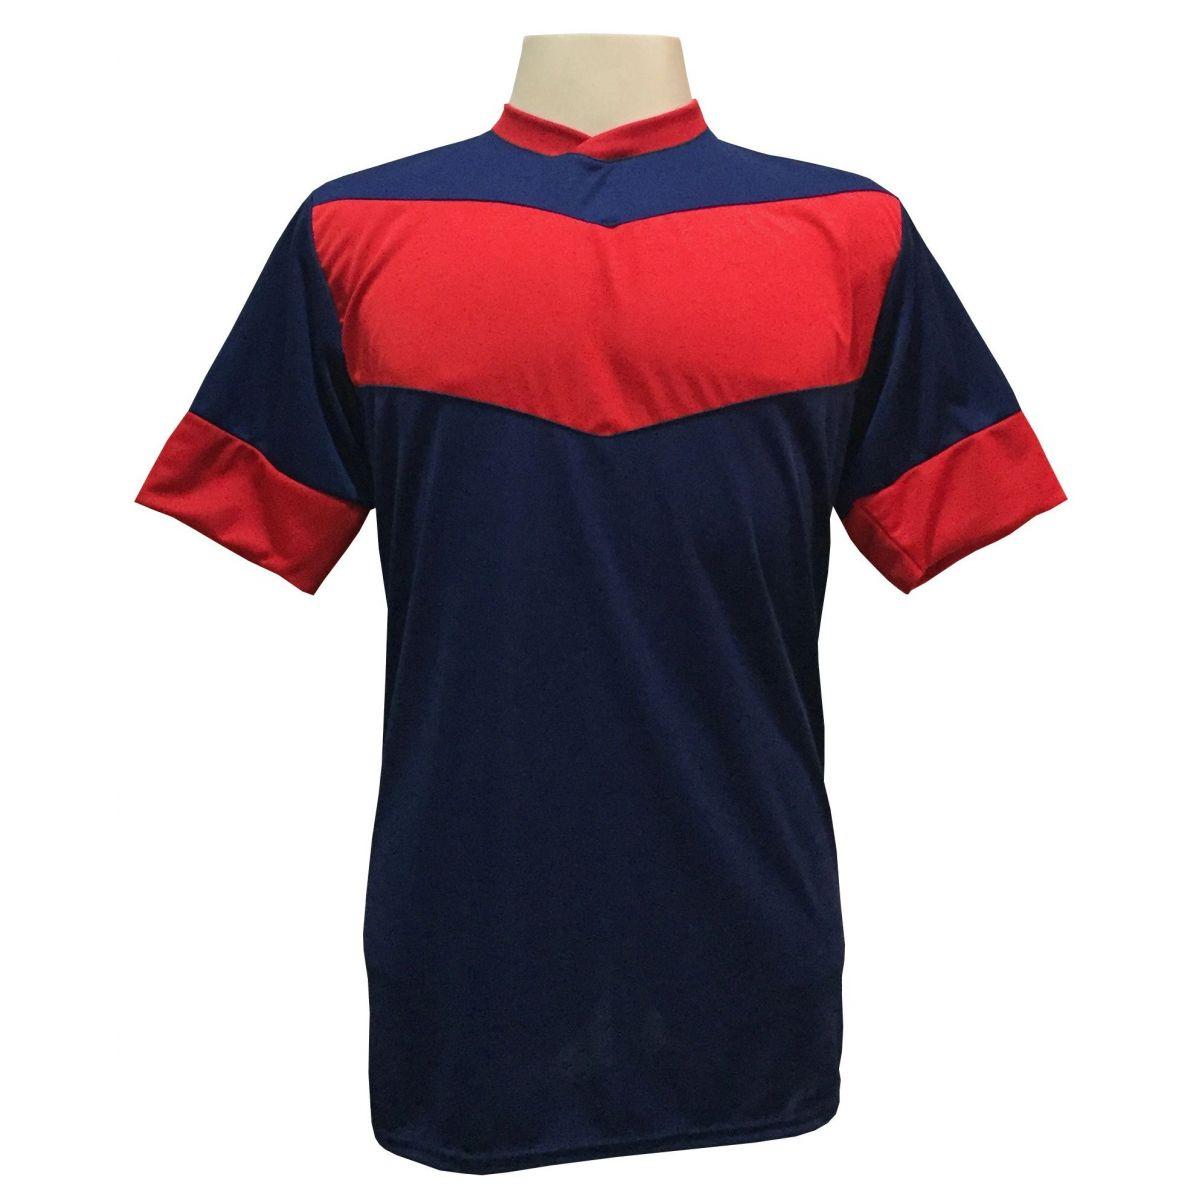 Fardamento Completo Modelo Columbus 18+1 (18 Camisas Marinho/Vermelho + 18 Calções Madrid Marinho + 18 Pares de Meiões Vermelhos + 1 Conjunto de Goleiro) + Brindes